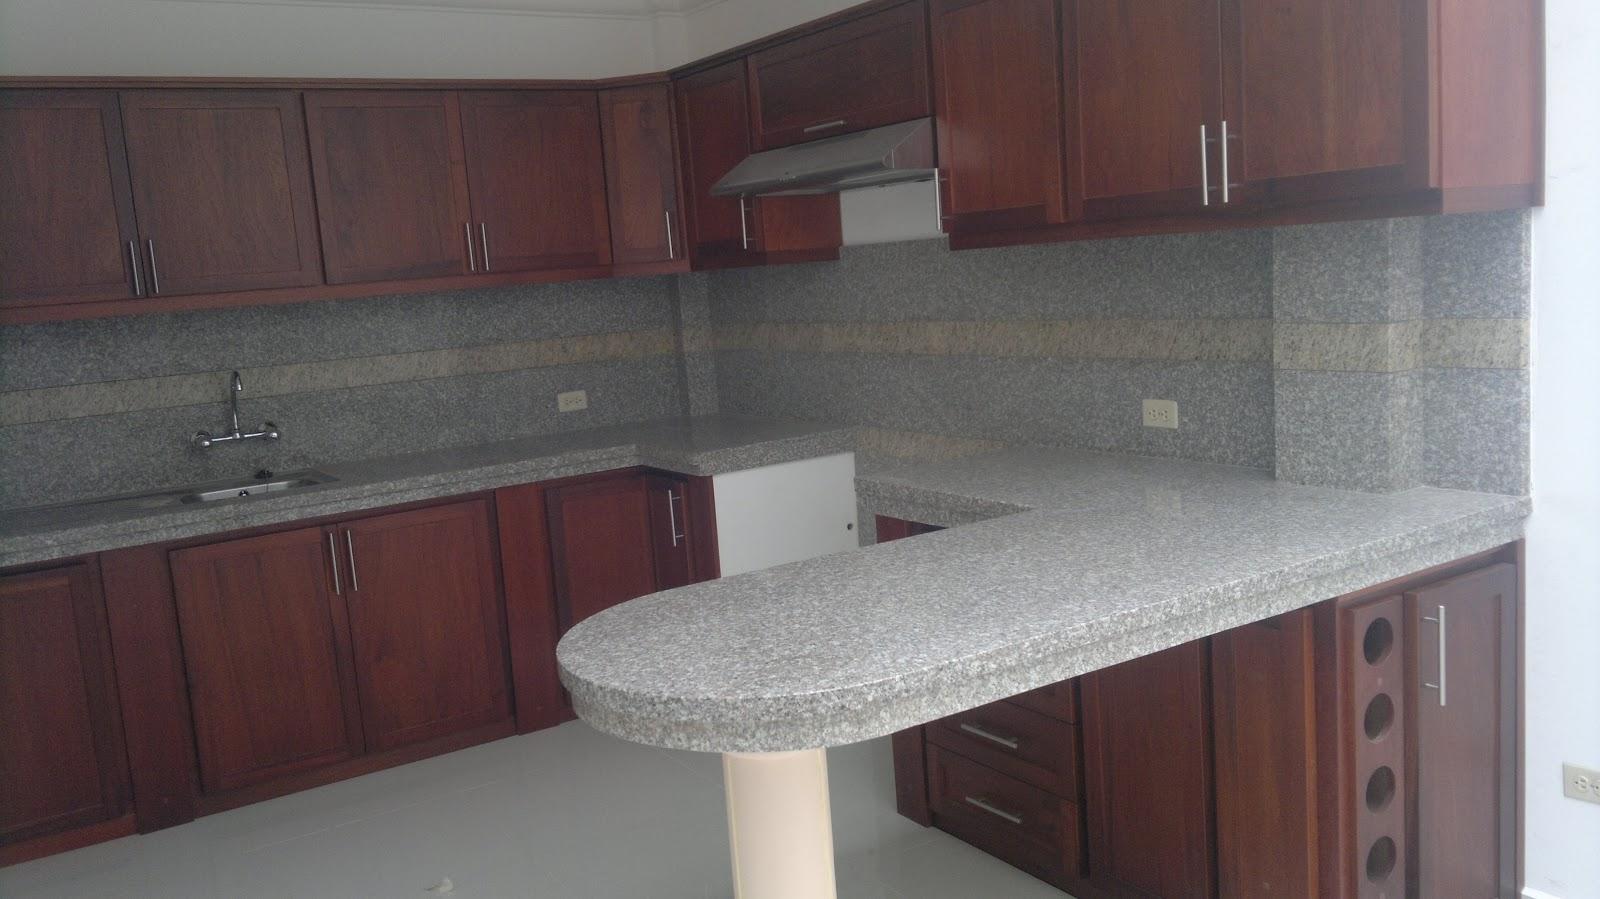 Muebles para cocina en cuenca ecuador ideas for Banos con ceramica rustica